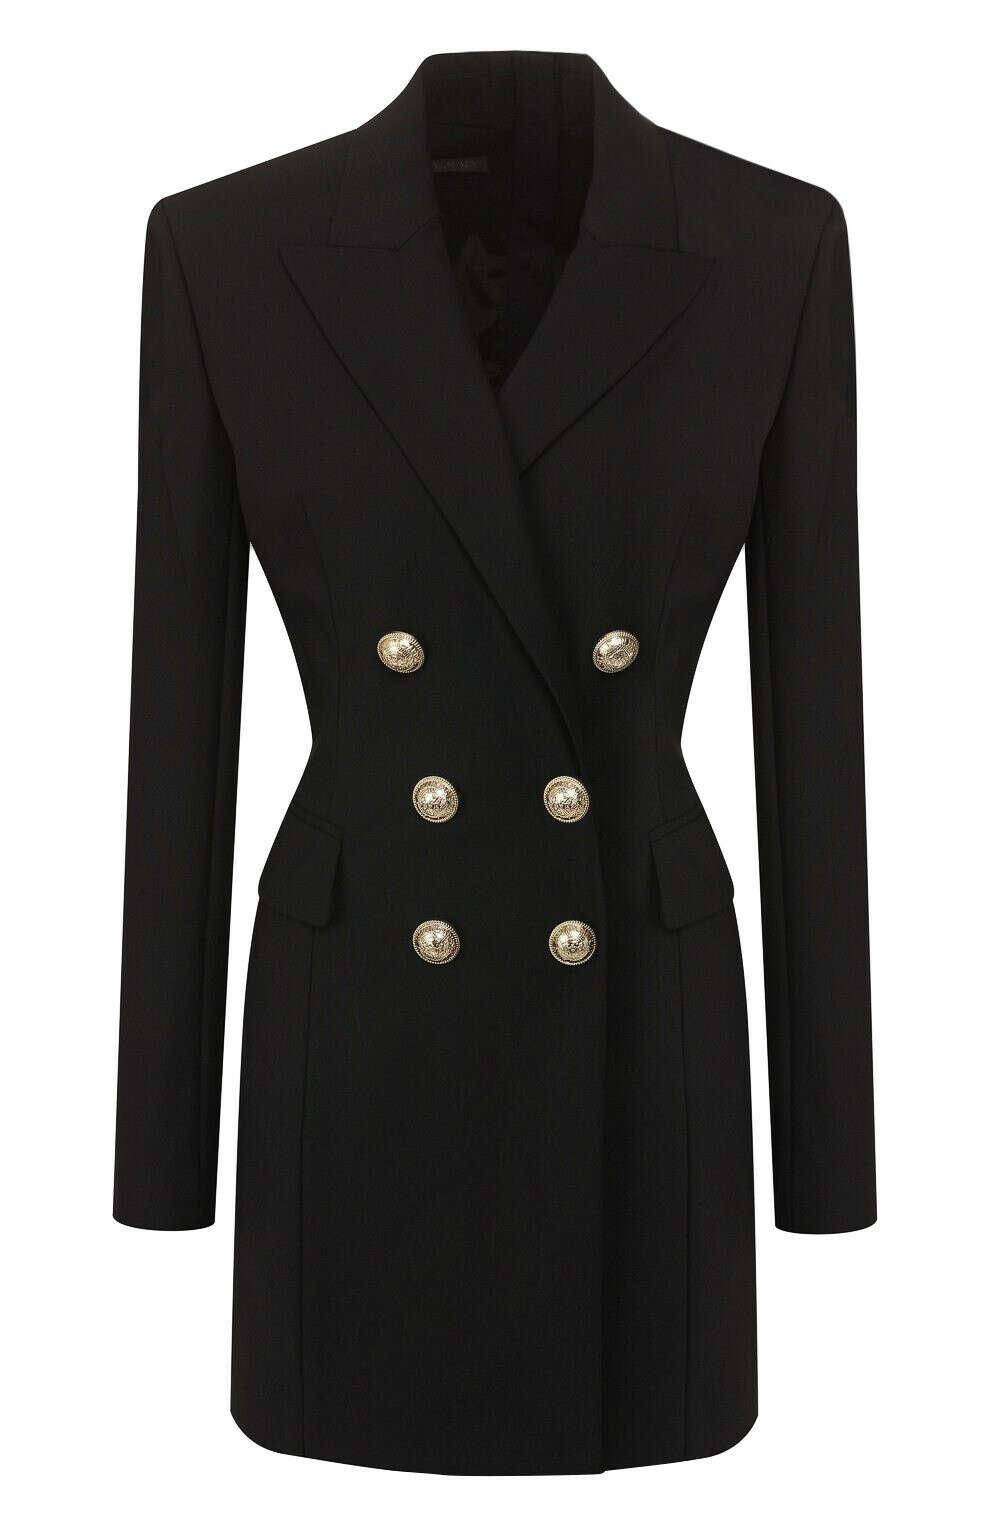 Женское черное платье BALMAIN — купить за 221500 руб. в интернет-магазине ЦУМ, арт. SF16118/W033